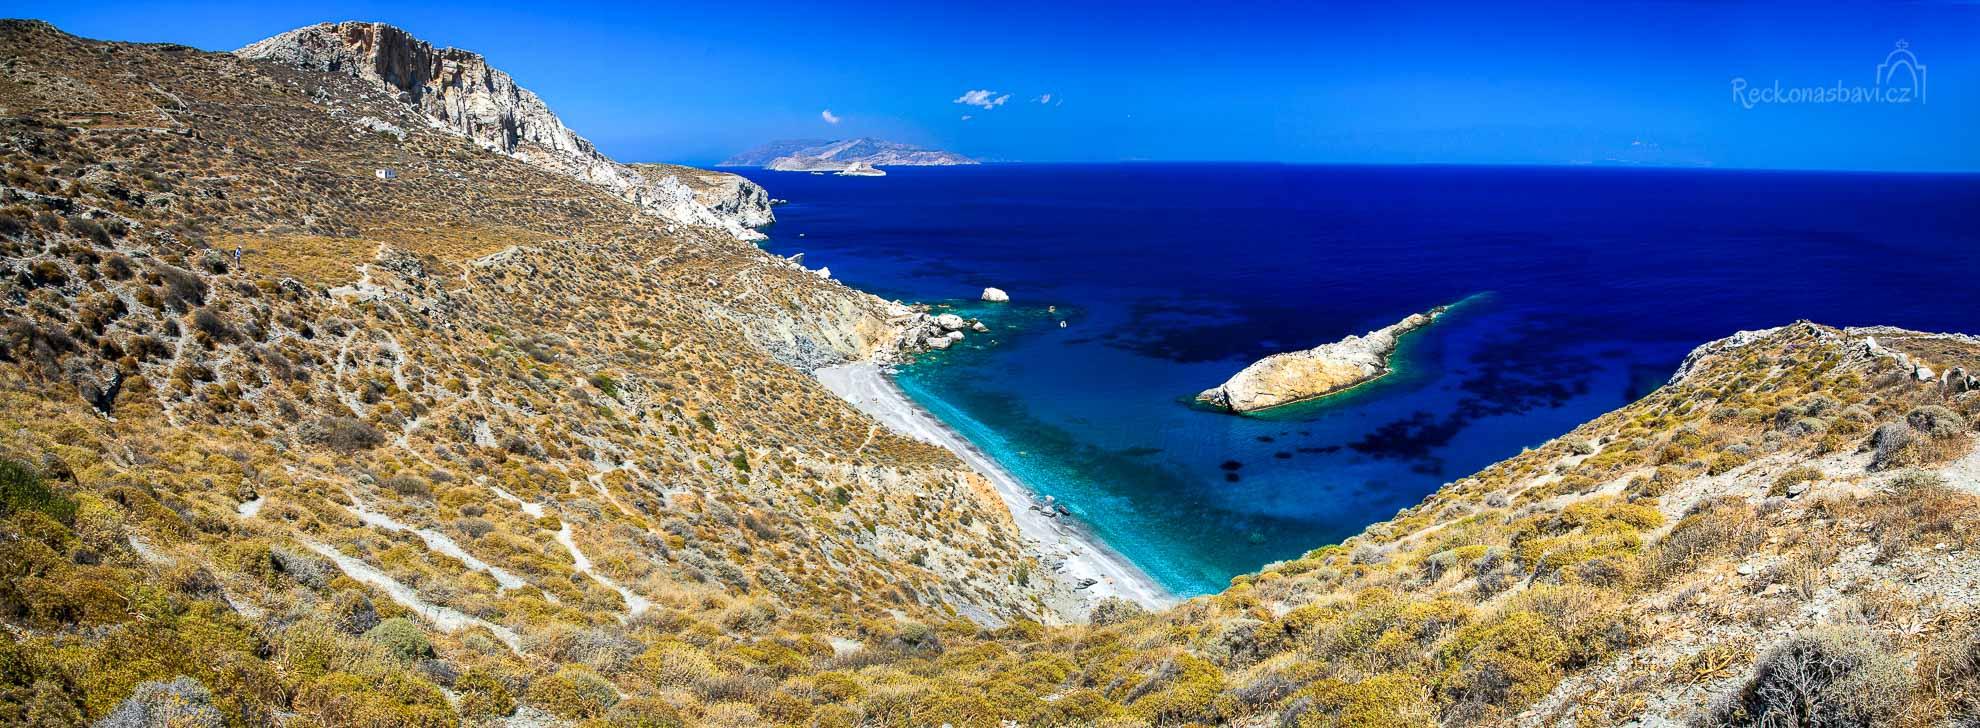 odměnou za pěší tůru vám bude fantastický výhled na pláž Katergo... dolů k vodě vede hned několik cestiček.